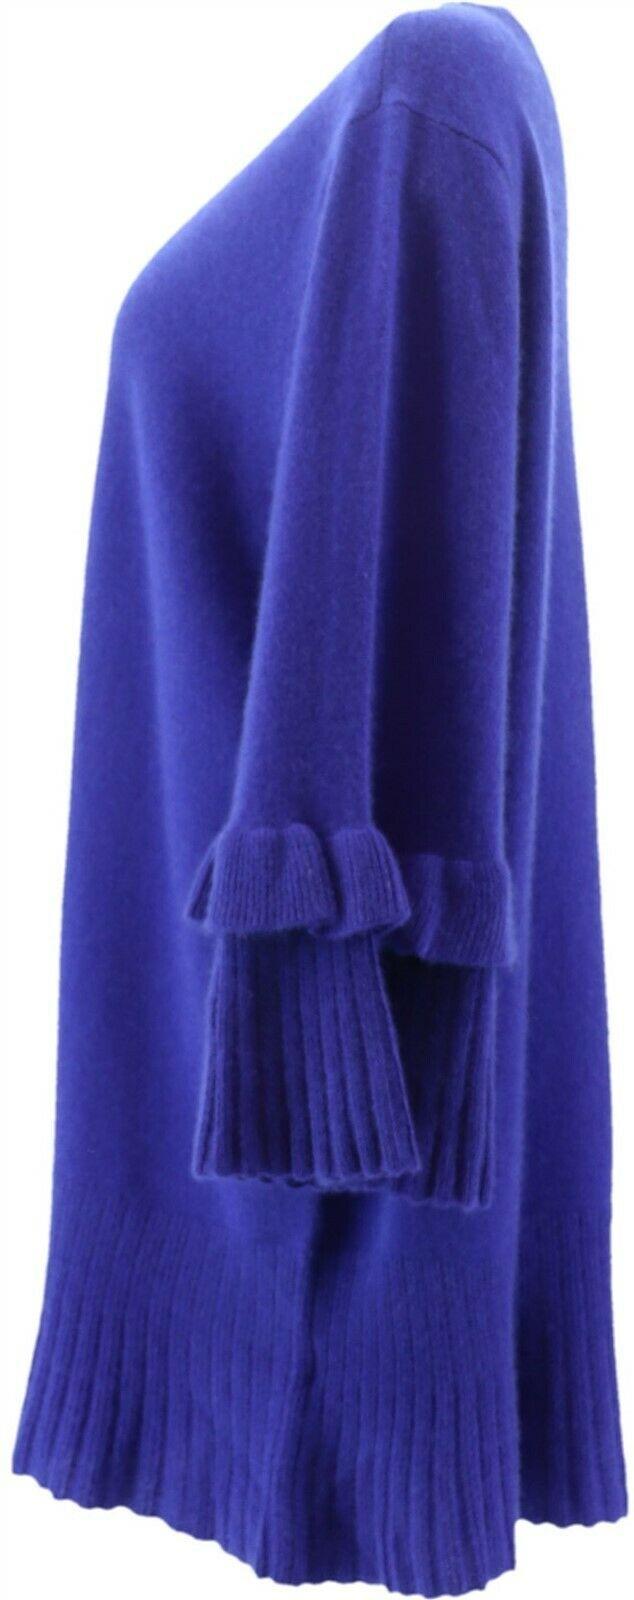 Isaac Mizrahi 2-Ply Cashmere Ruffle Bell Slv Sweater Ultramarine XL NEW A343580